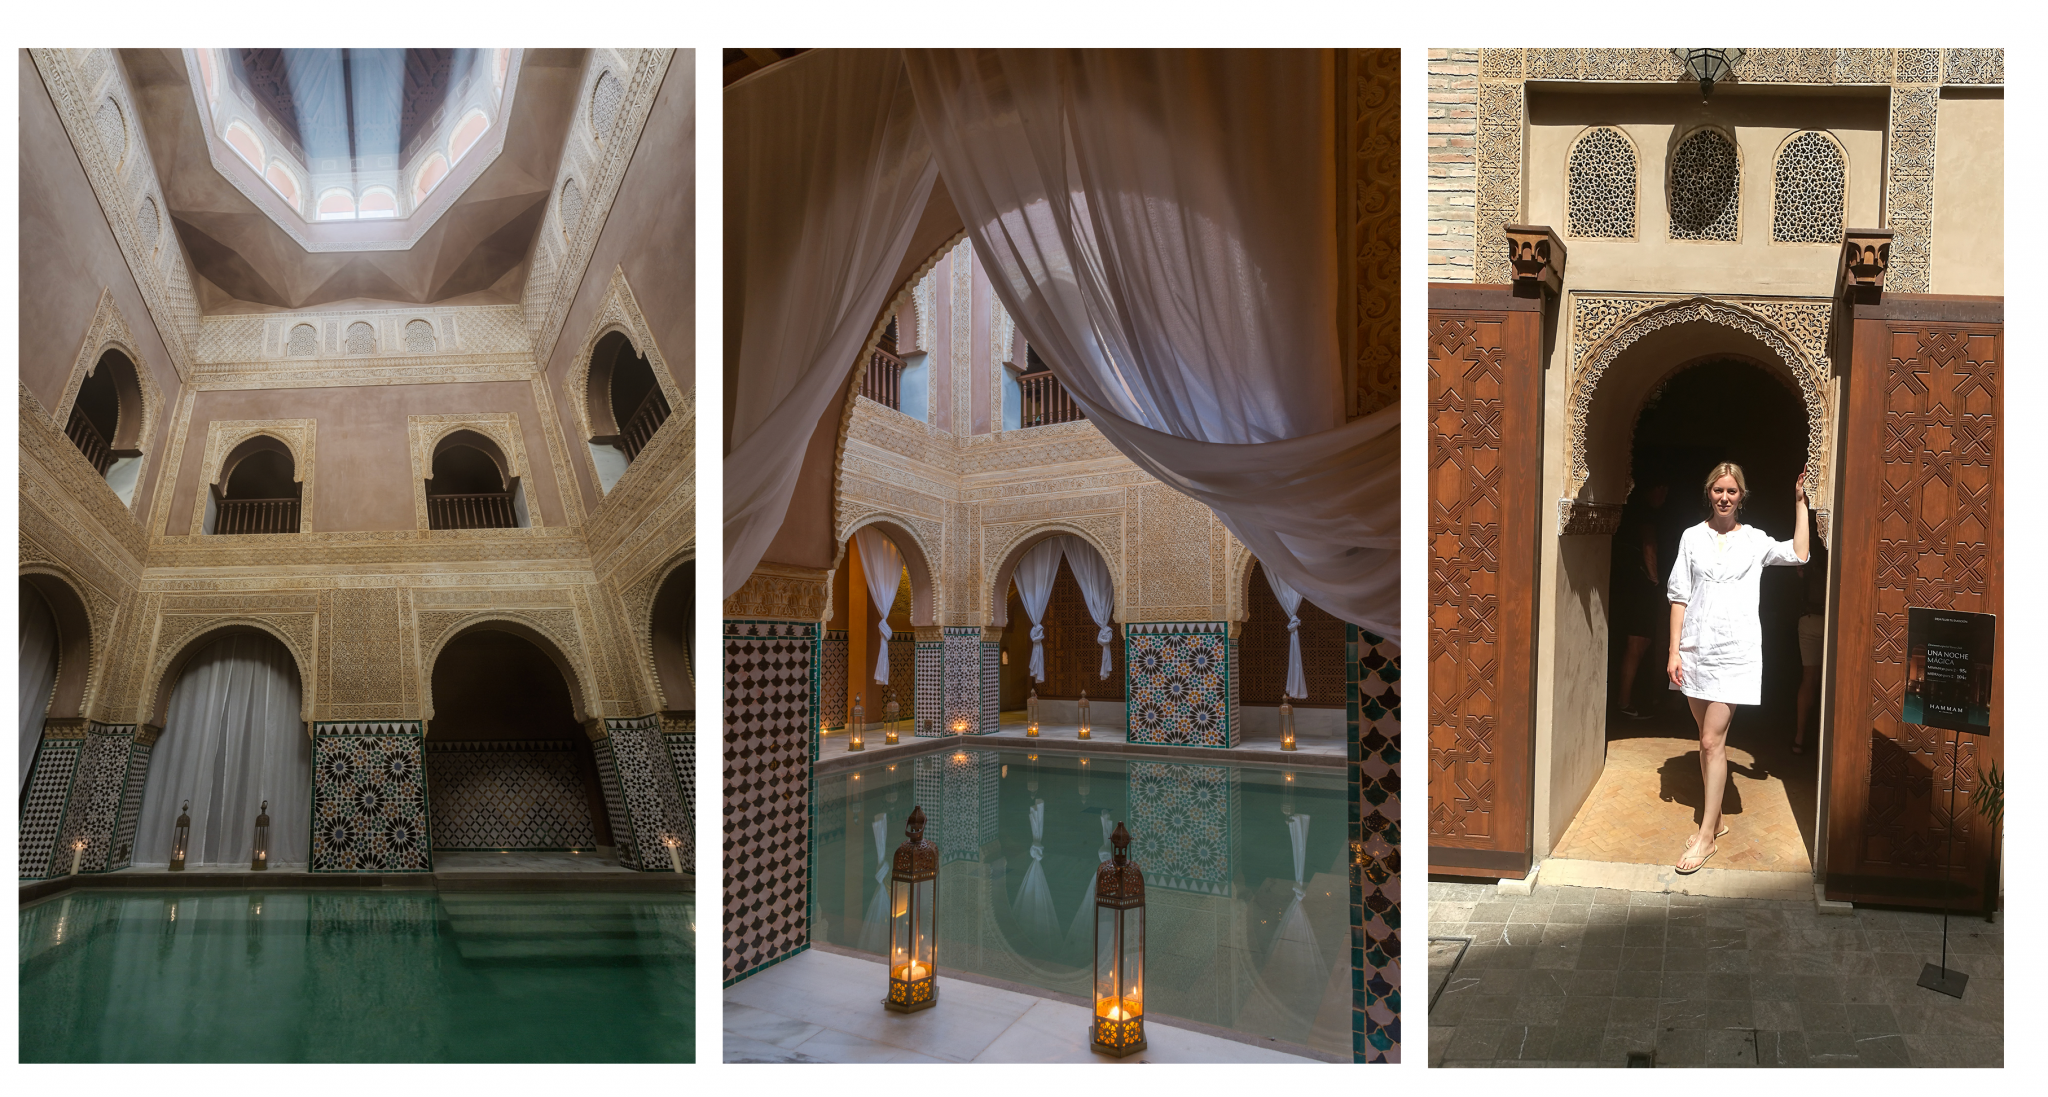 Healing badrituelen uit de hammam: zo belanden ze in jouw badkamer ...